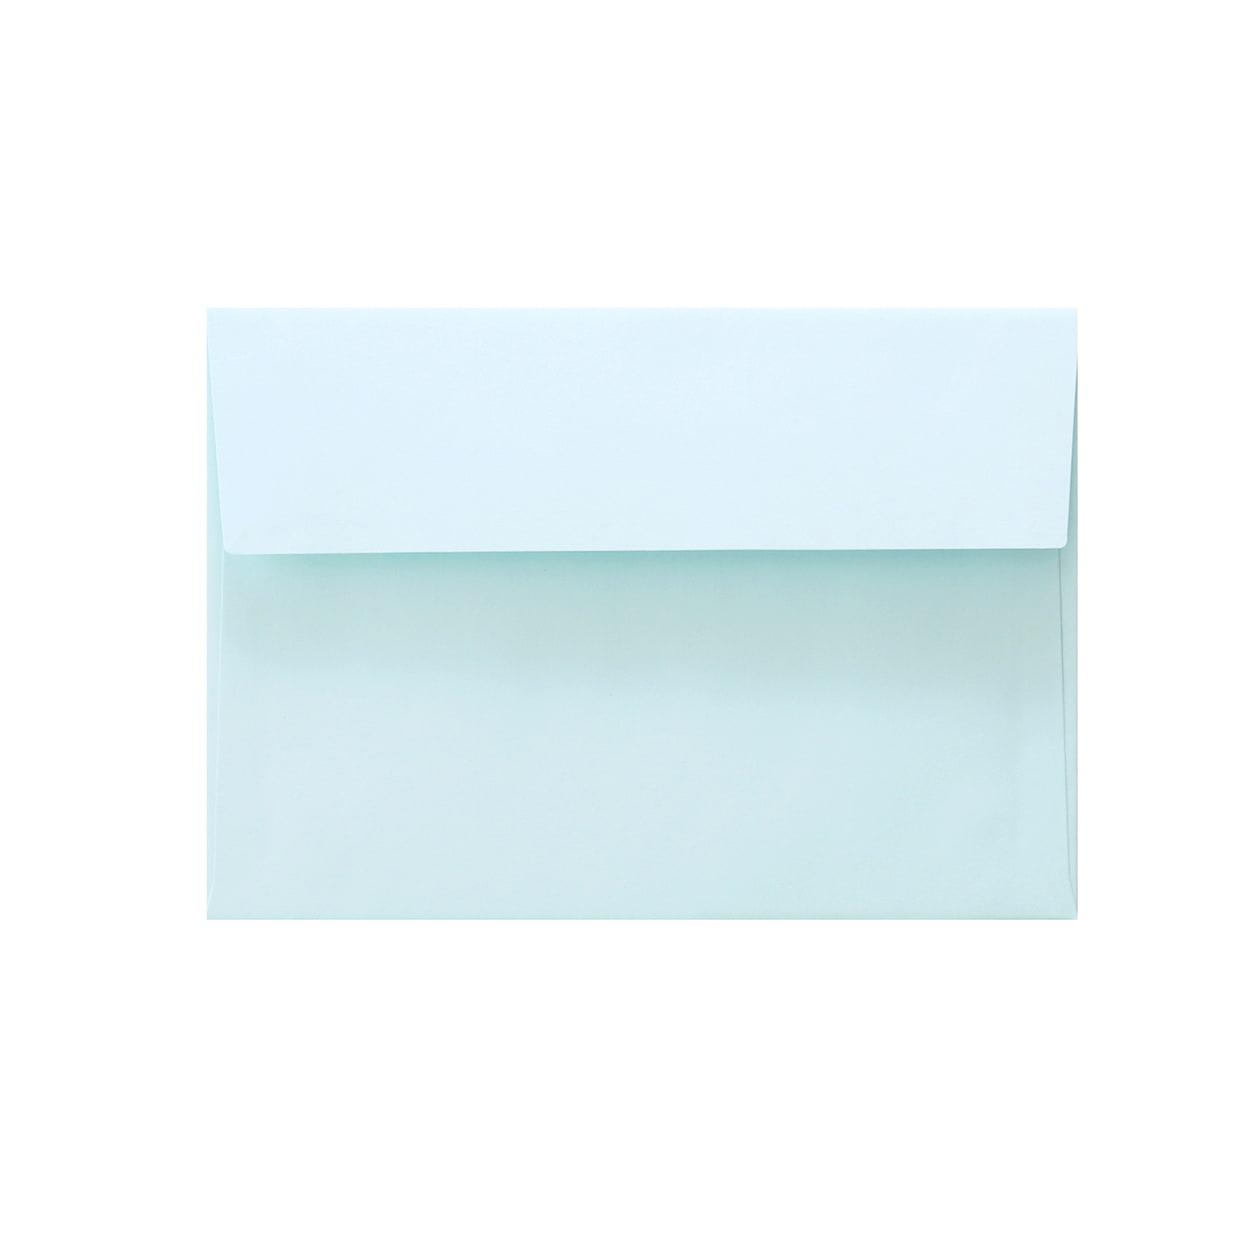 洋2カマス封筒 上質カラー ブルー 90.7g